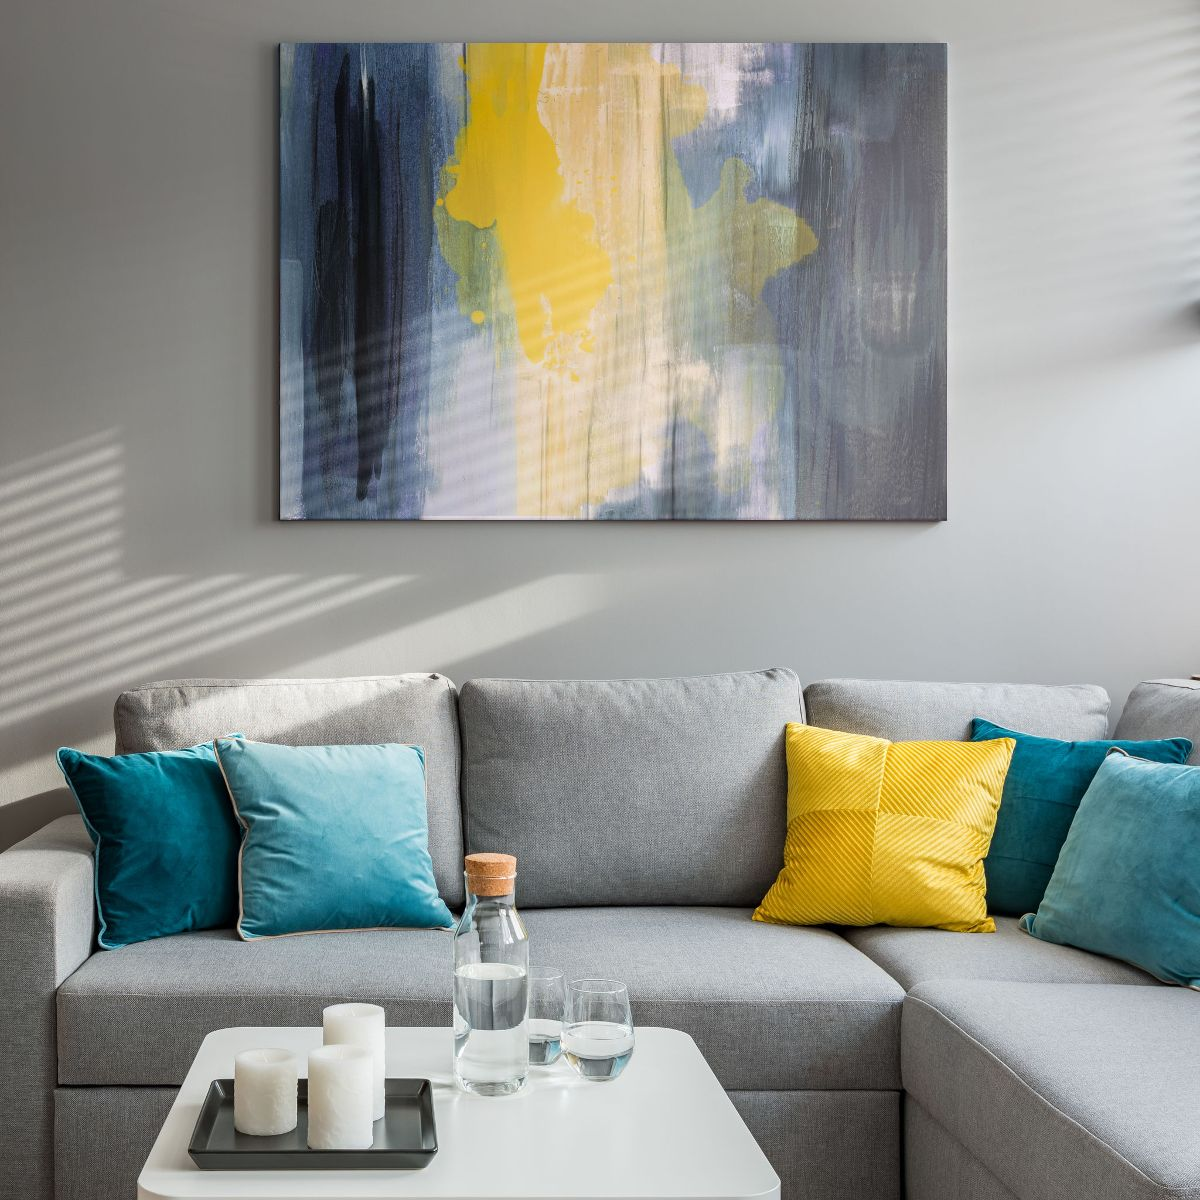 Decoración de la pared del sofá con una obra de arte